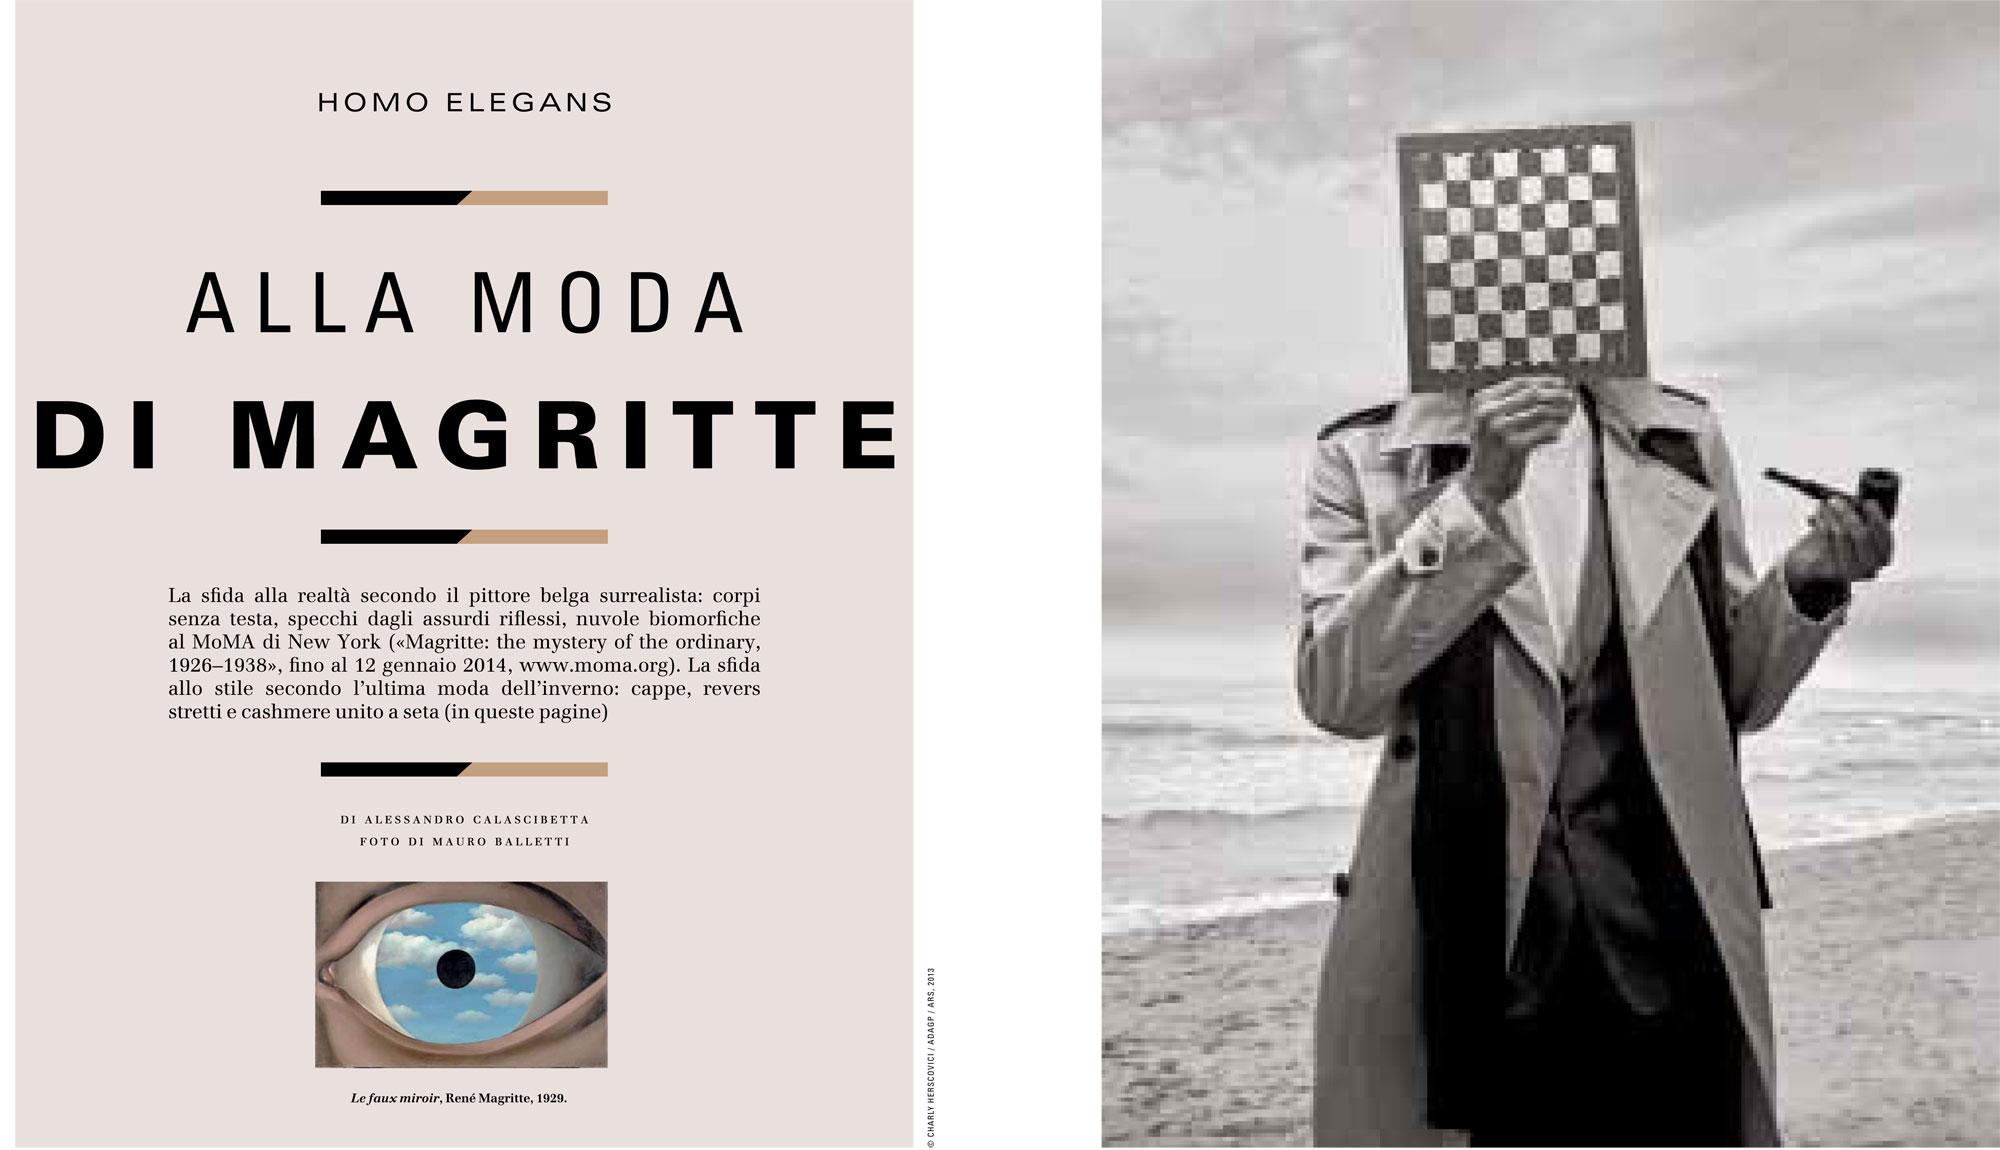 moda-magritte-1